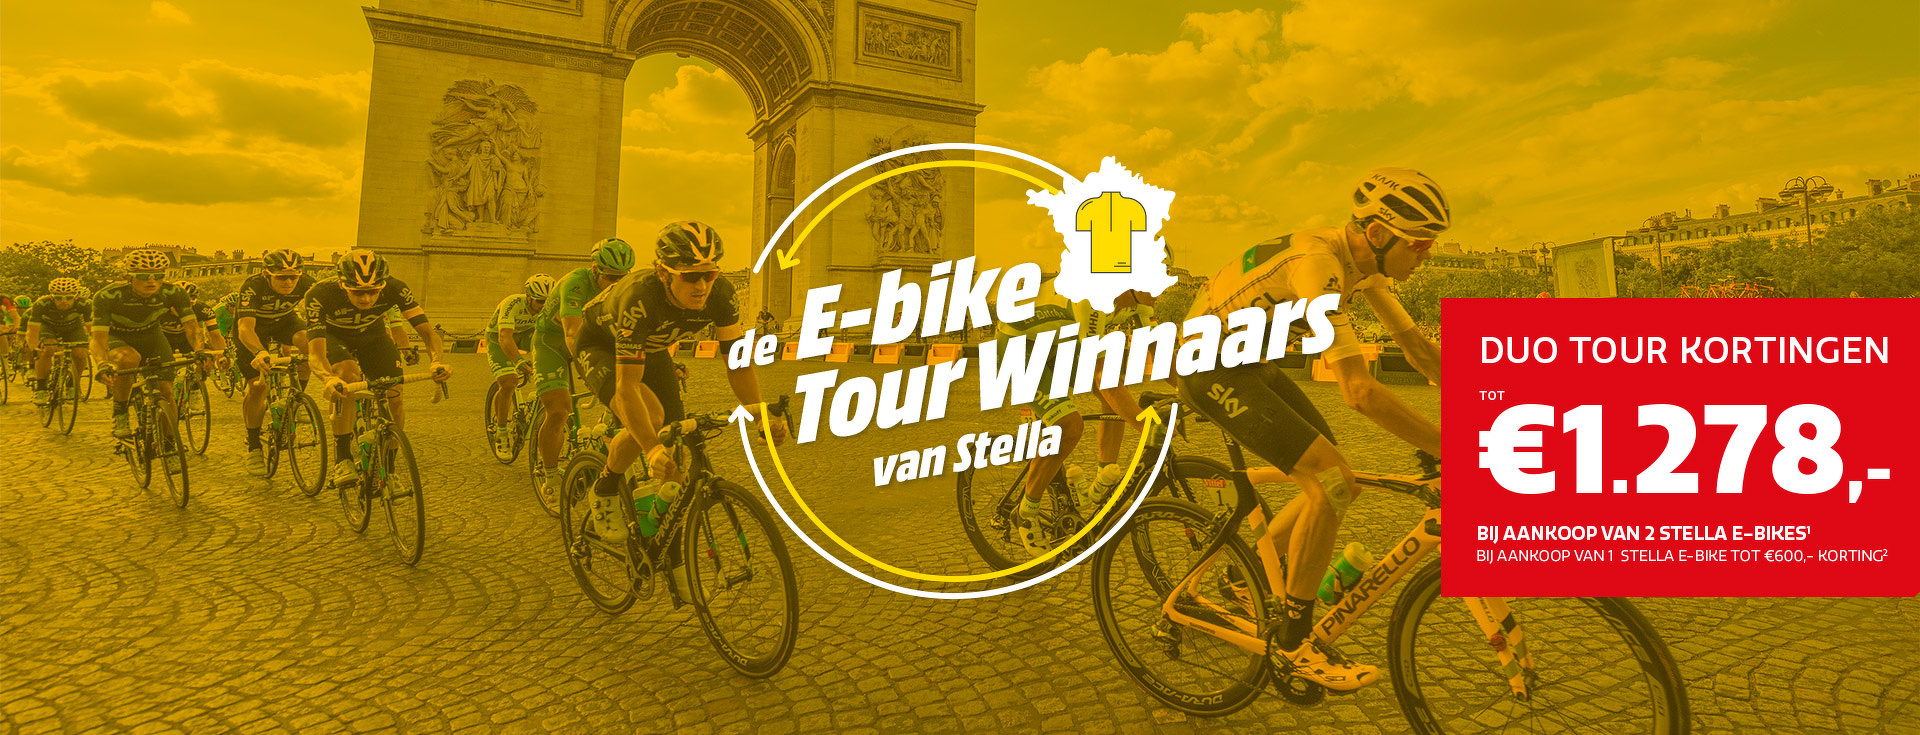 E-bike Tour Winnaars